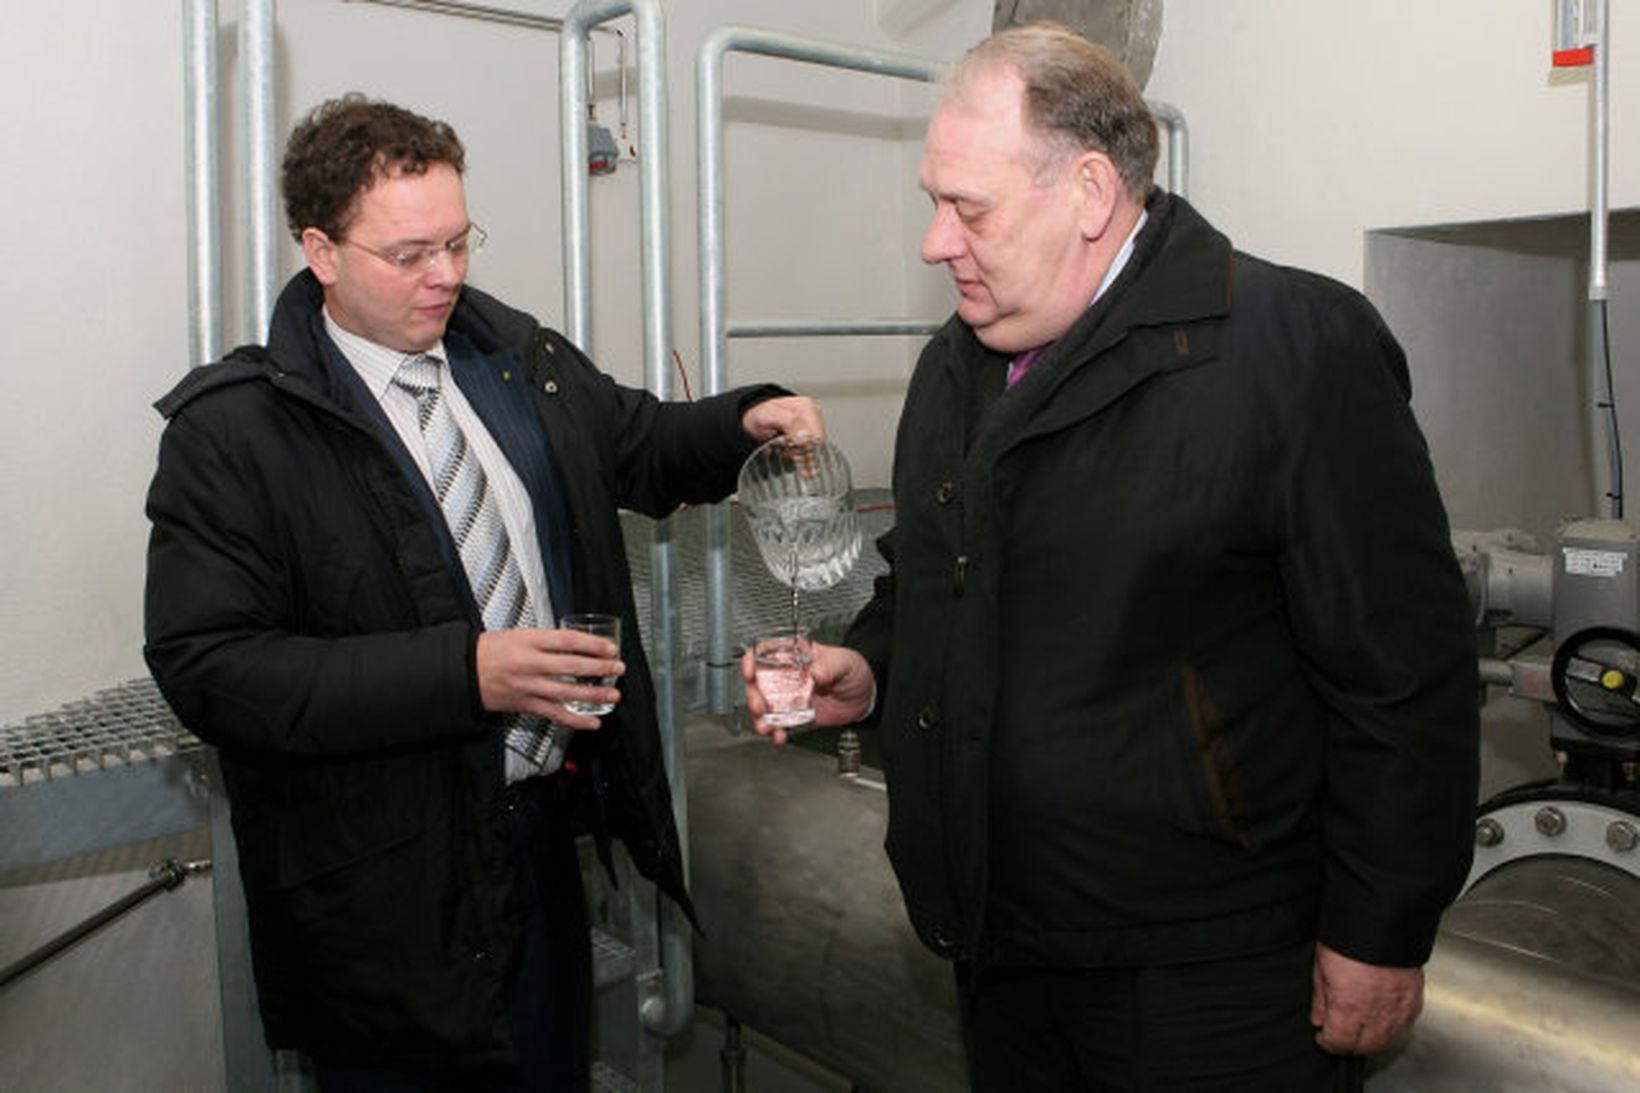 Ómar Stefánsson, formaður bæjarráðs Kópavogs, og Gunnar Birgisson, bæjarstjóri.